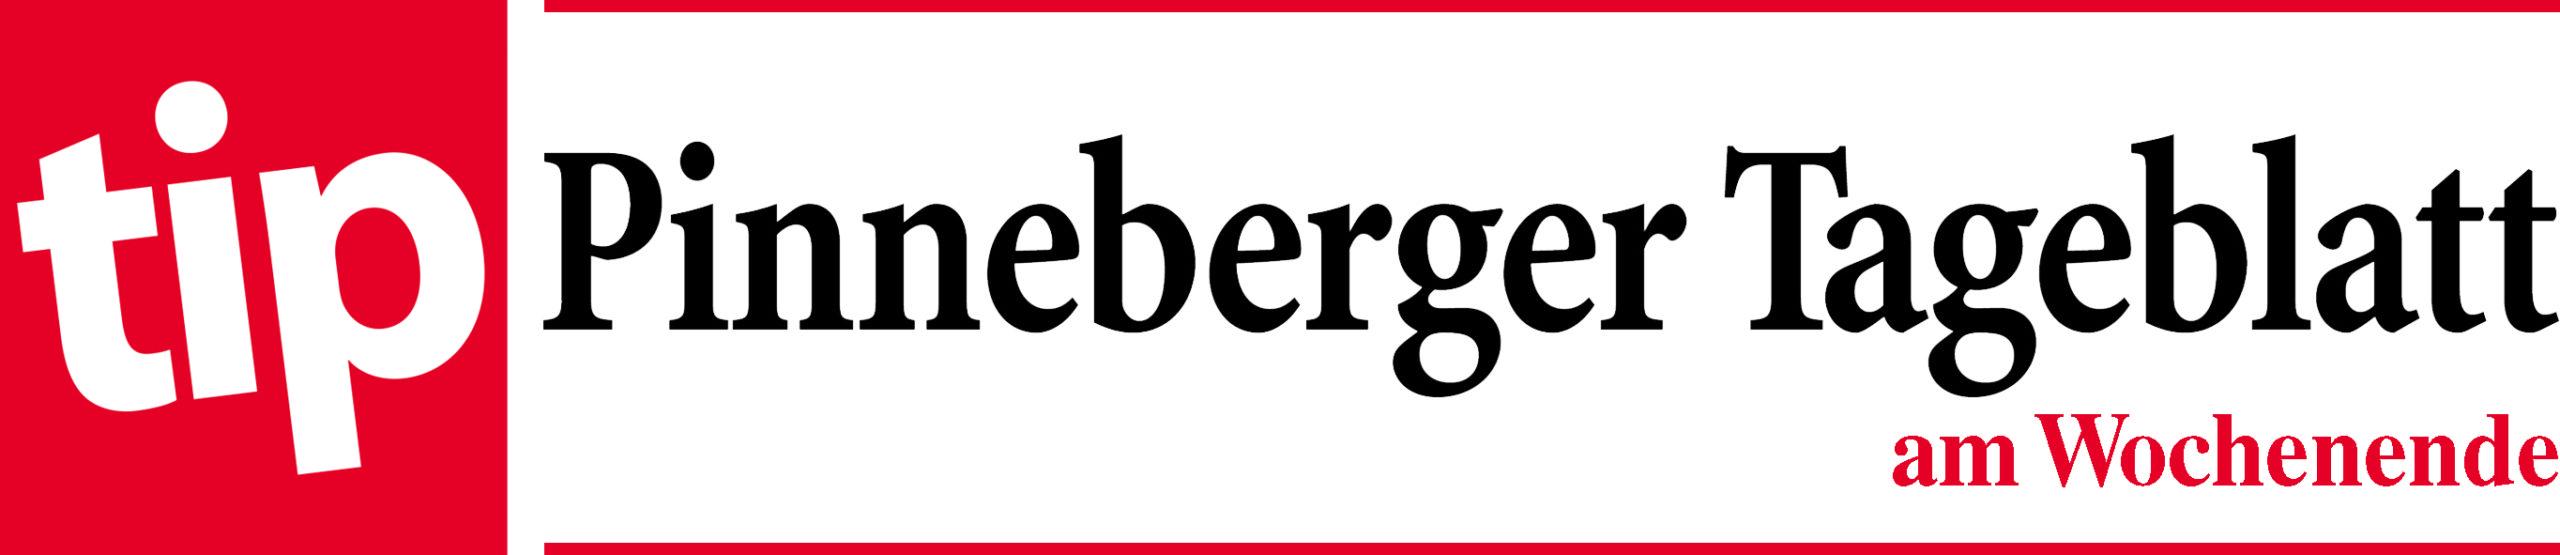 tip_Pinneberger_Tageblatt_5sp